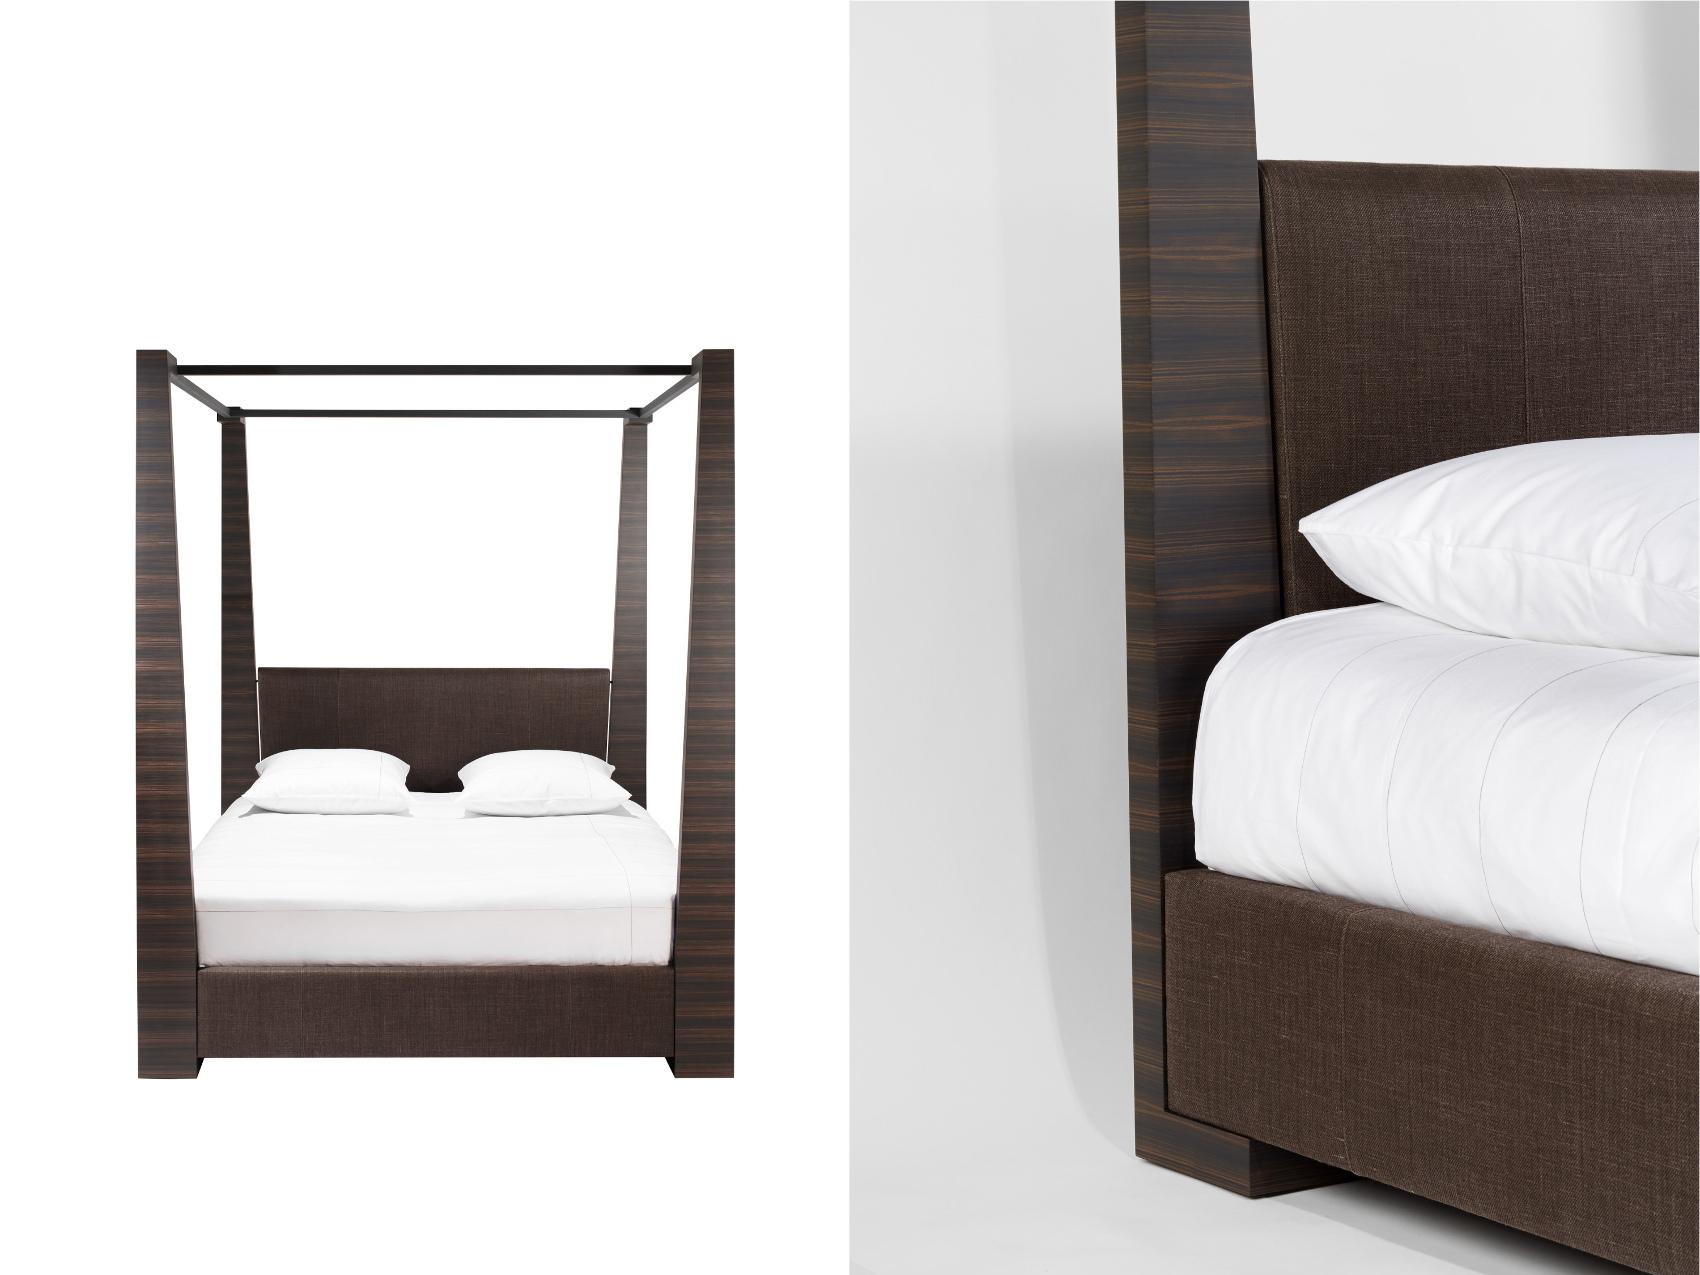 Doria bed - Philippe Hurel